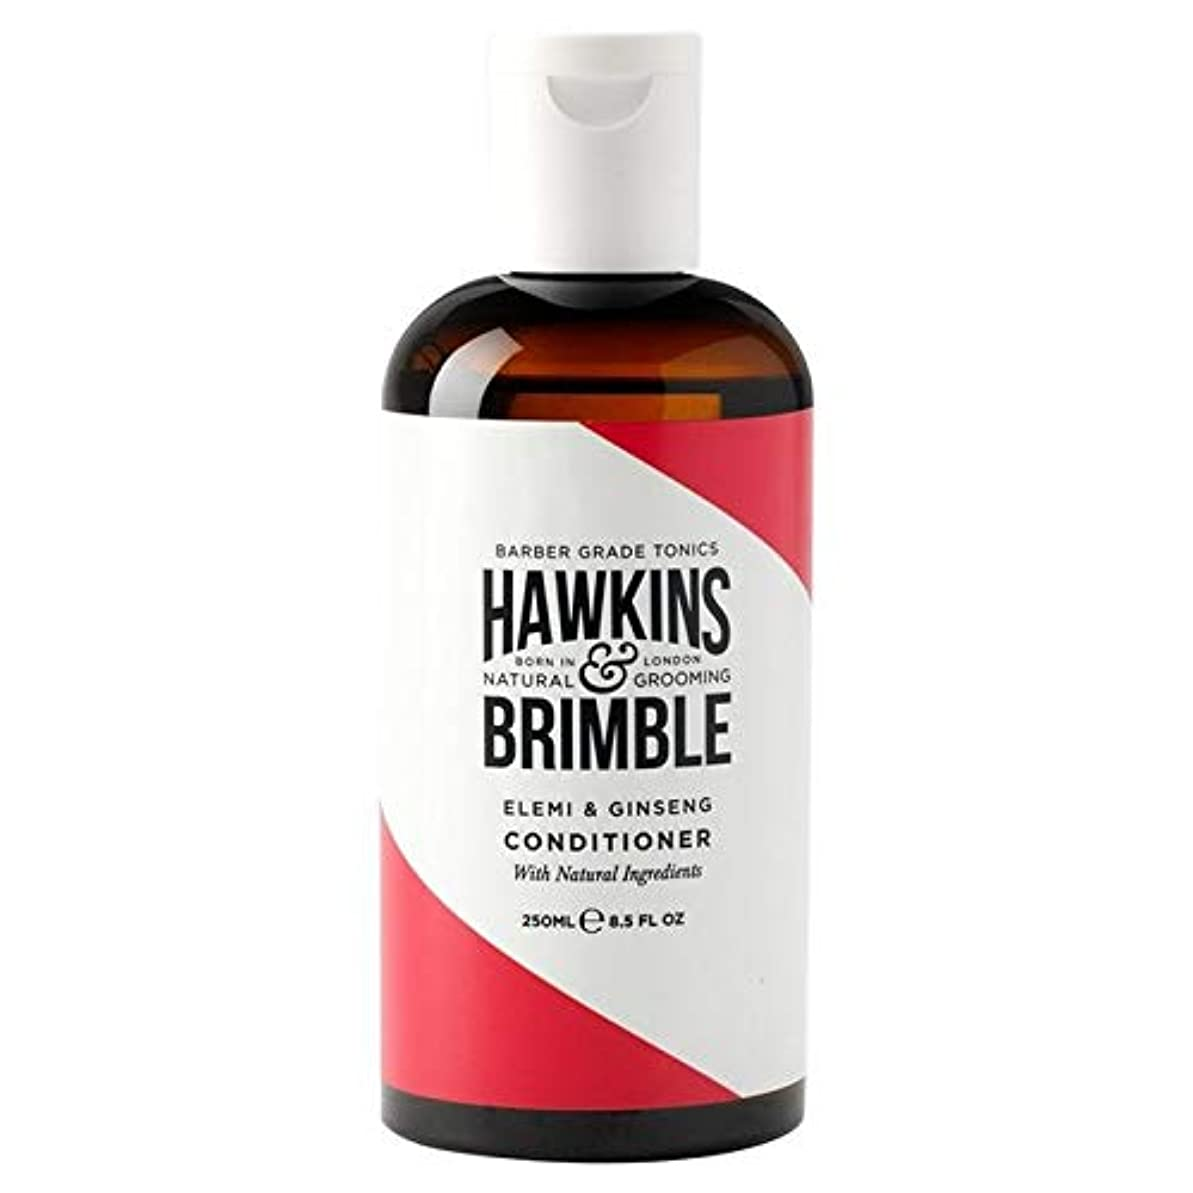 直面するスロベニア逸話[Hawkins & Brimble] ホーキンス&Brimbleナチュラルコンディショナー250Ml - Hawkins & Brimble Natural Conditioner 250ml [並行輸入品]